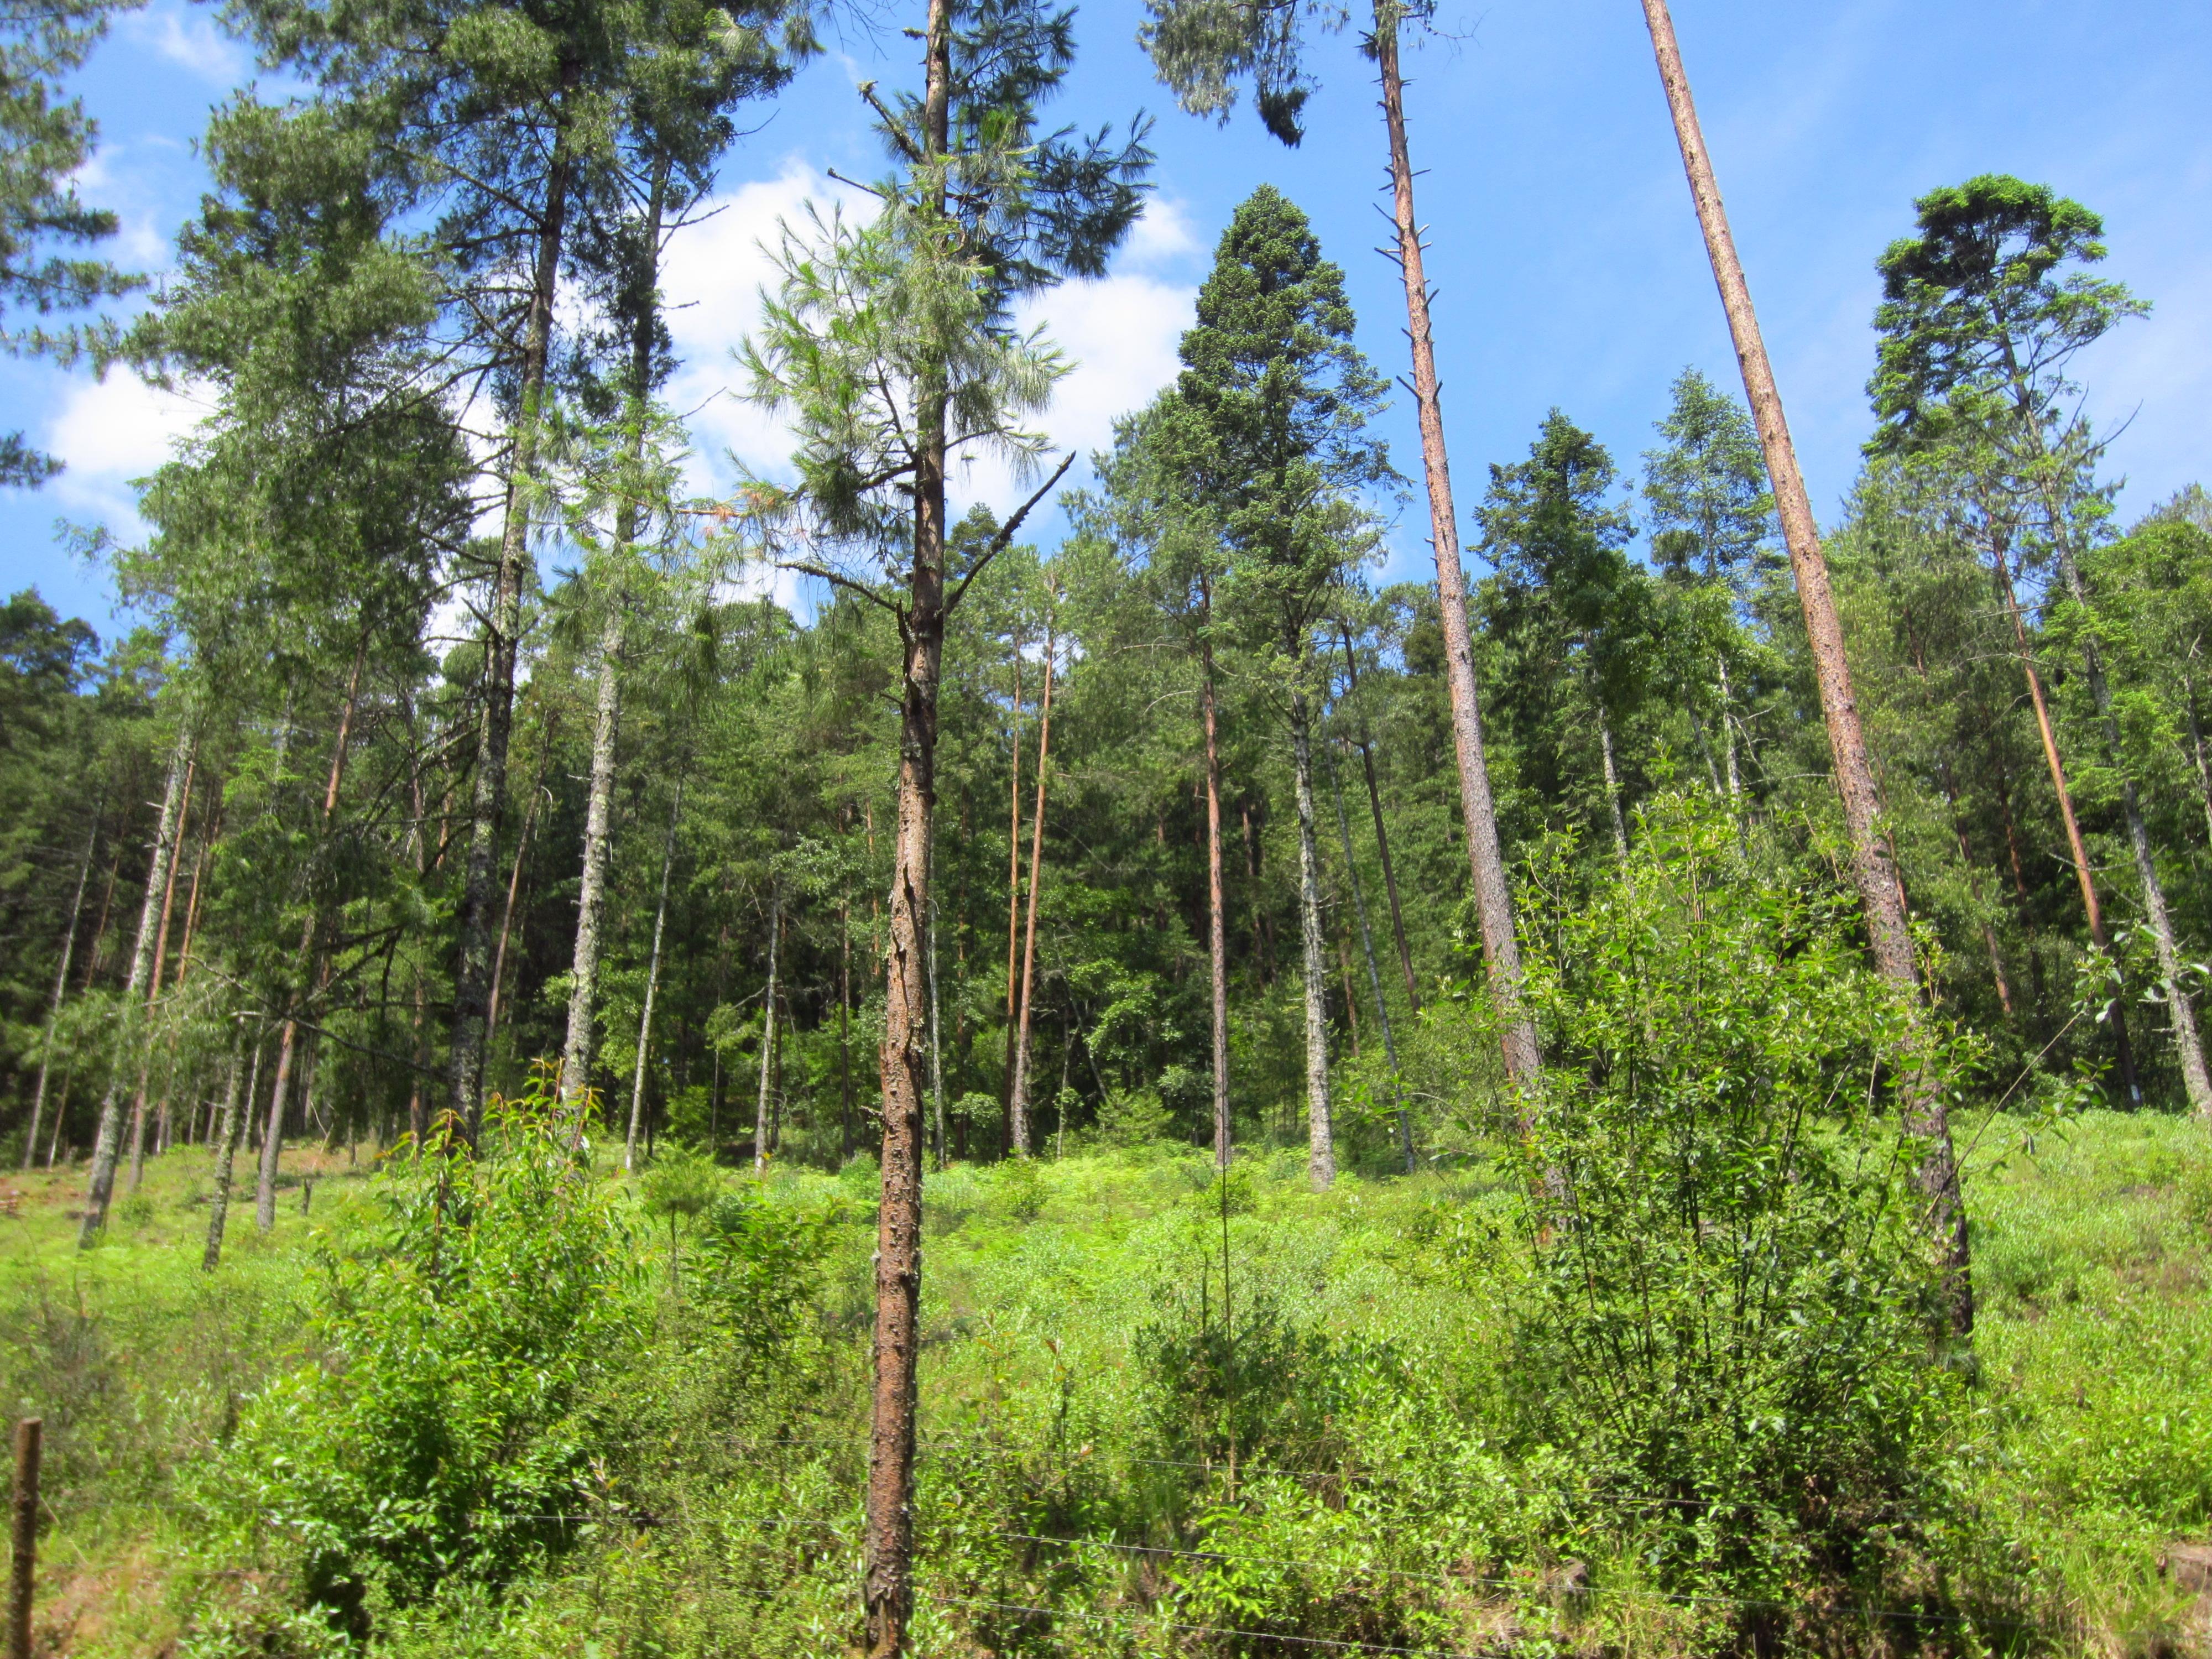 Programa de gesti n comunitaria del territorio conociendo for Manejo de viveros forestales